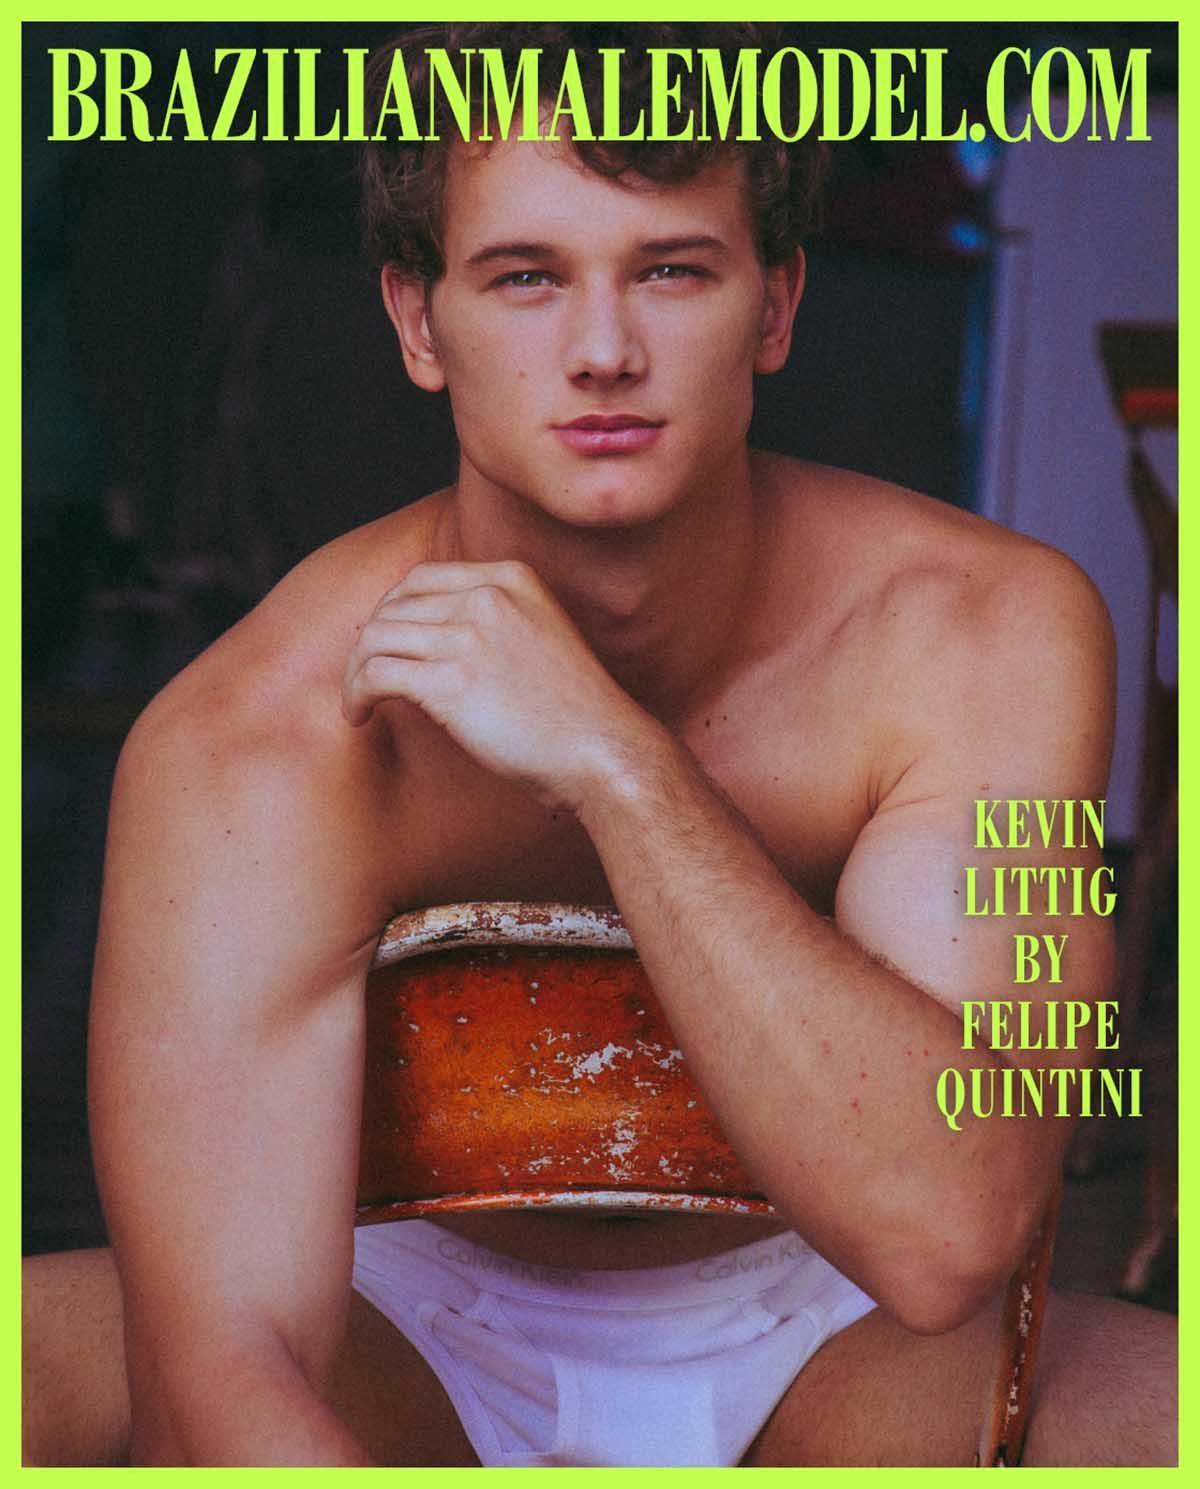 Kevin Littig by Felipe Quintini